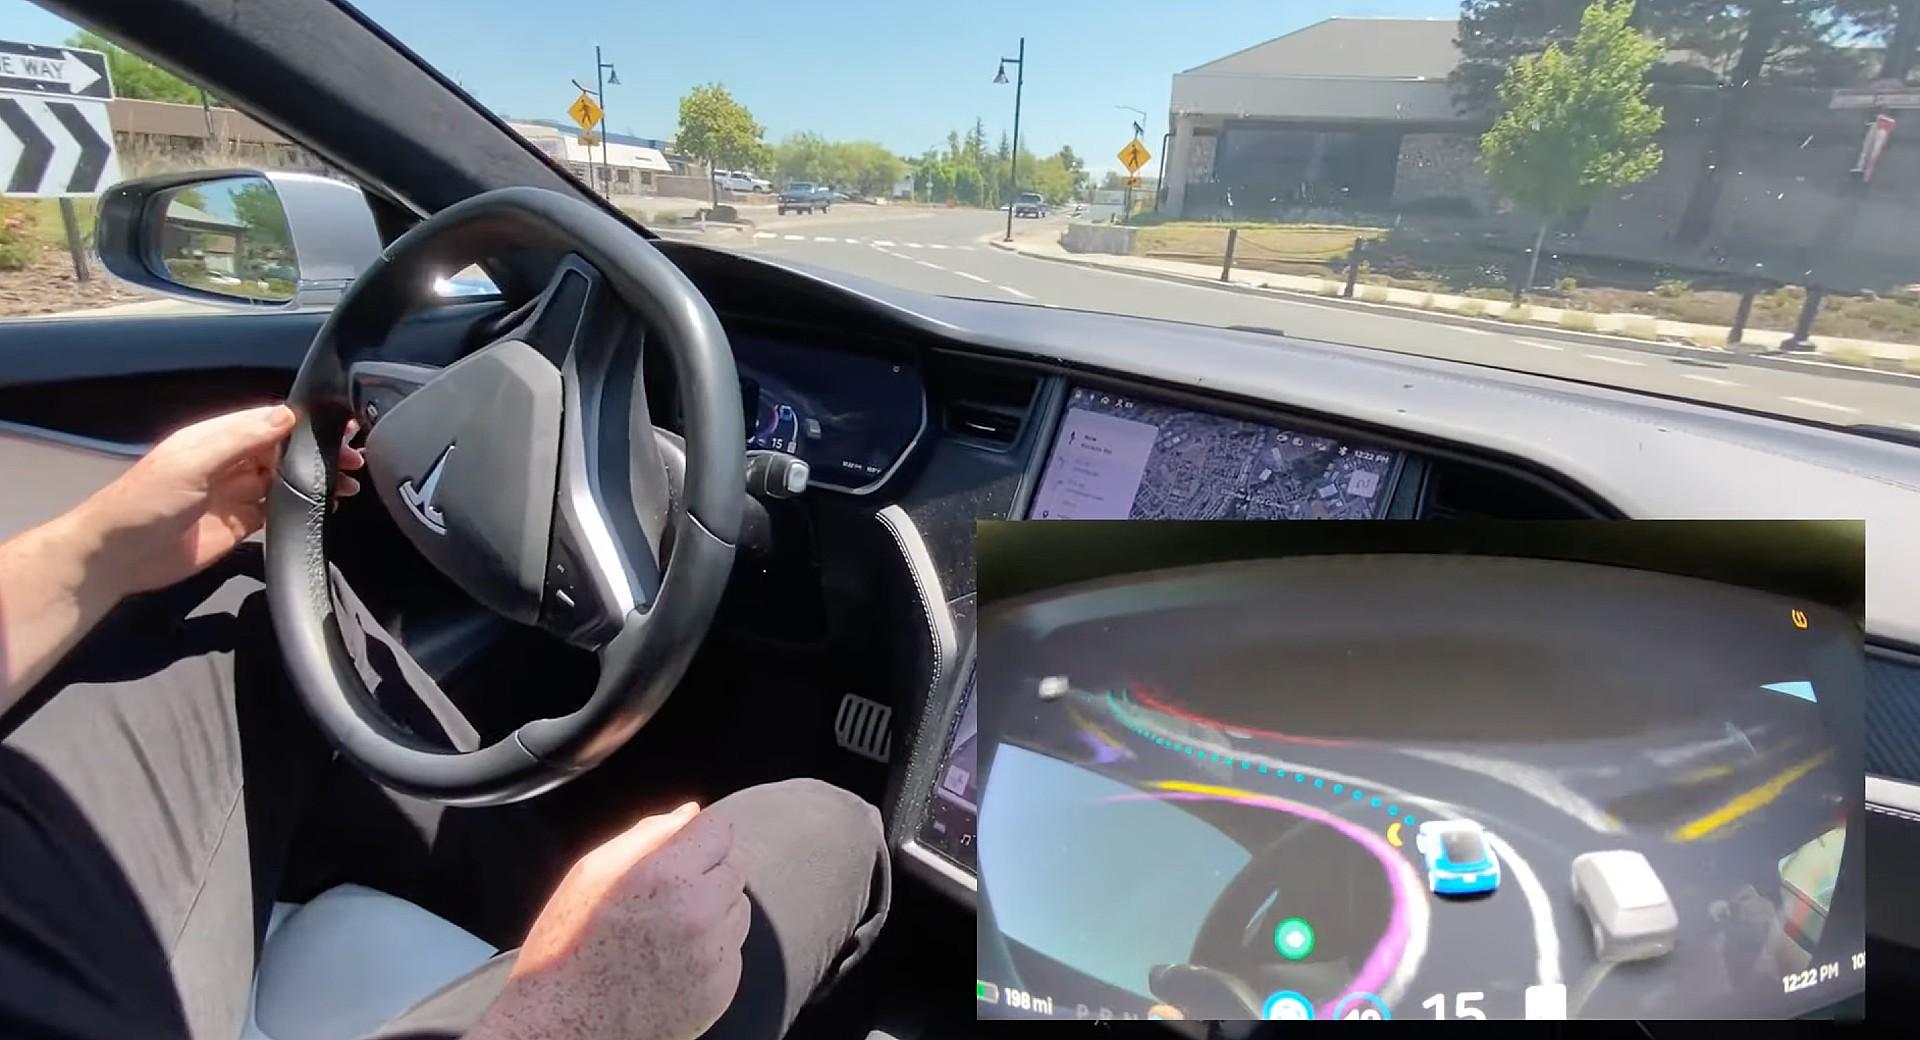 По словам Маска, Tesla Vision улавливает опасности, сигналы поворота, жесты рук и многое другое.